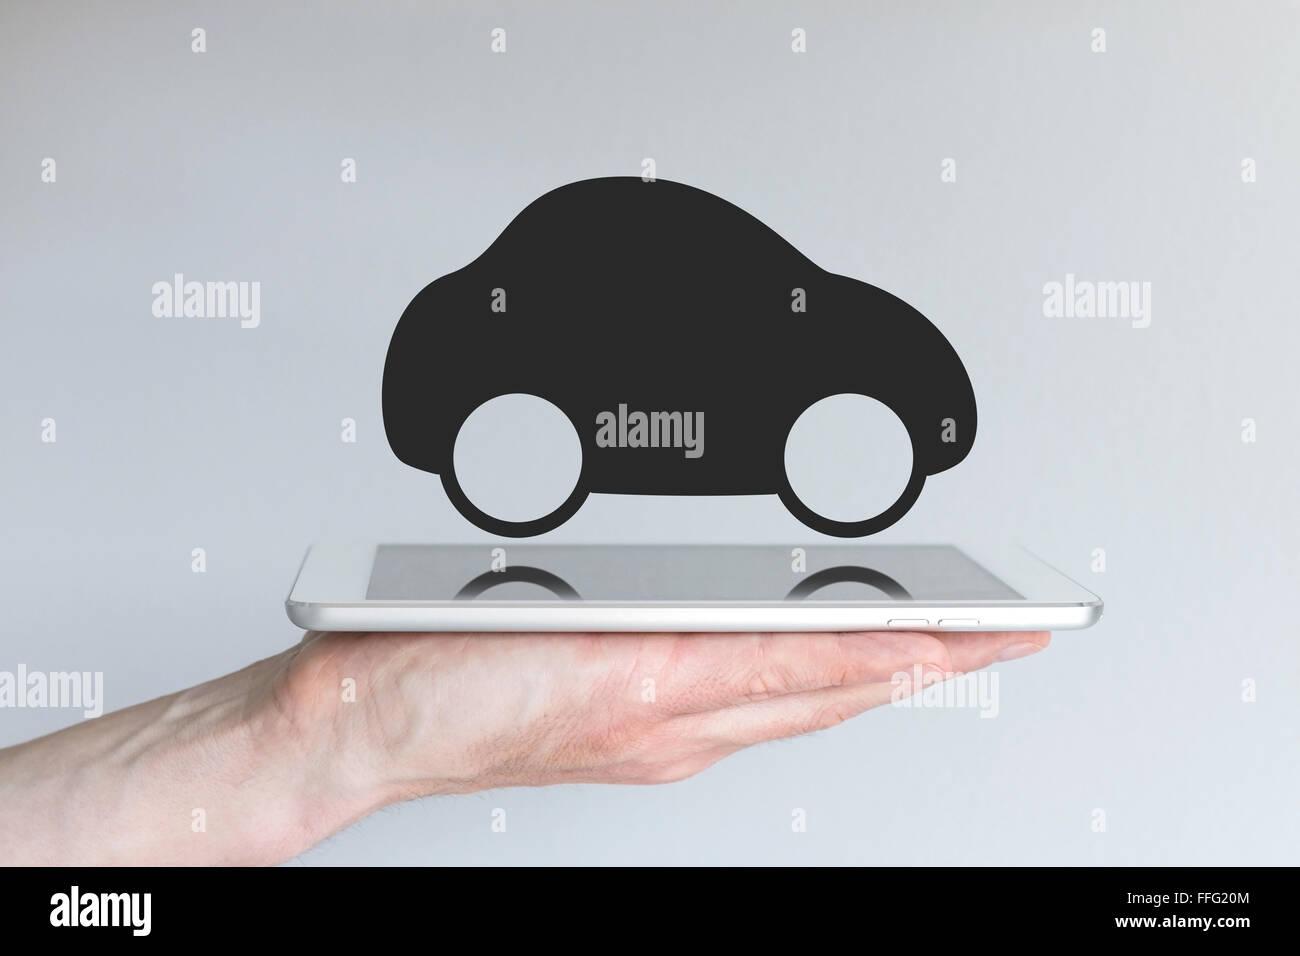 Mobilità digitale e di mobile computing di concetto. Nero auto icona come esempio per il trasporto di sovvertimento Immagini Stock